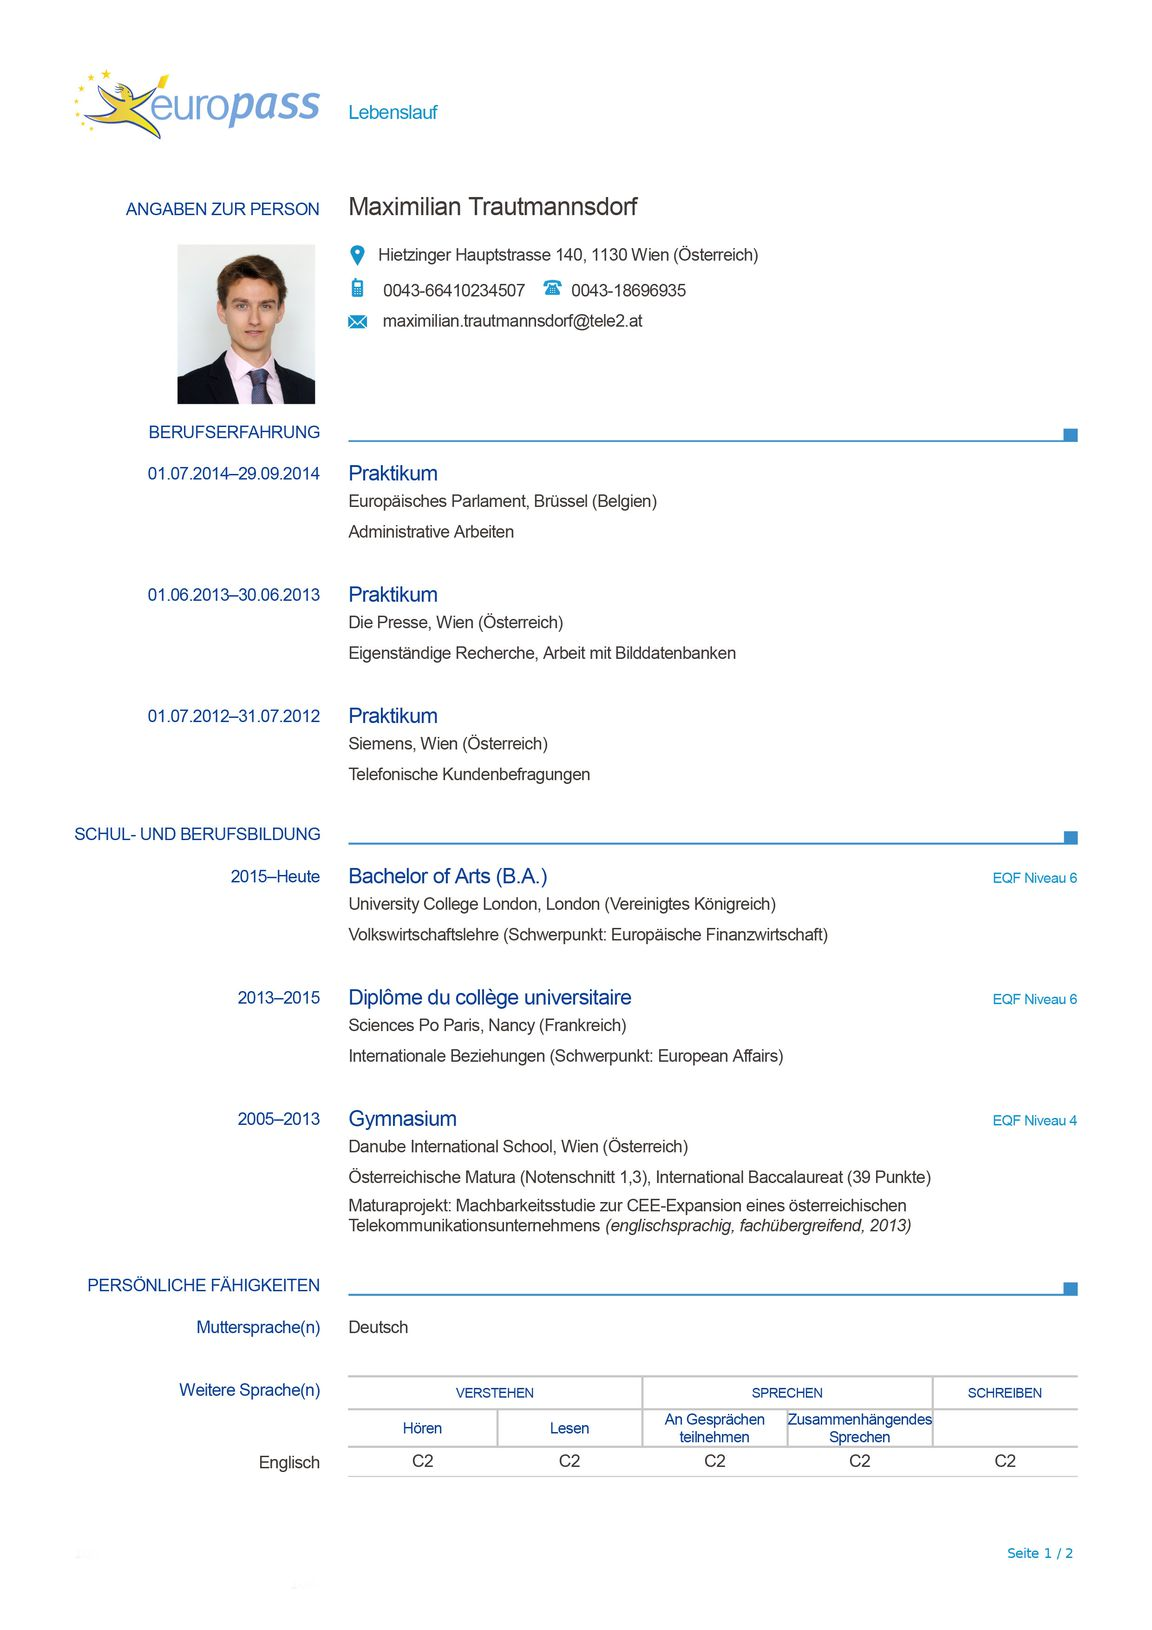 Der perfekte Lebenslauf: Europass « DiePresse.com